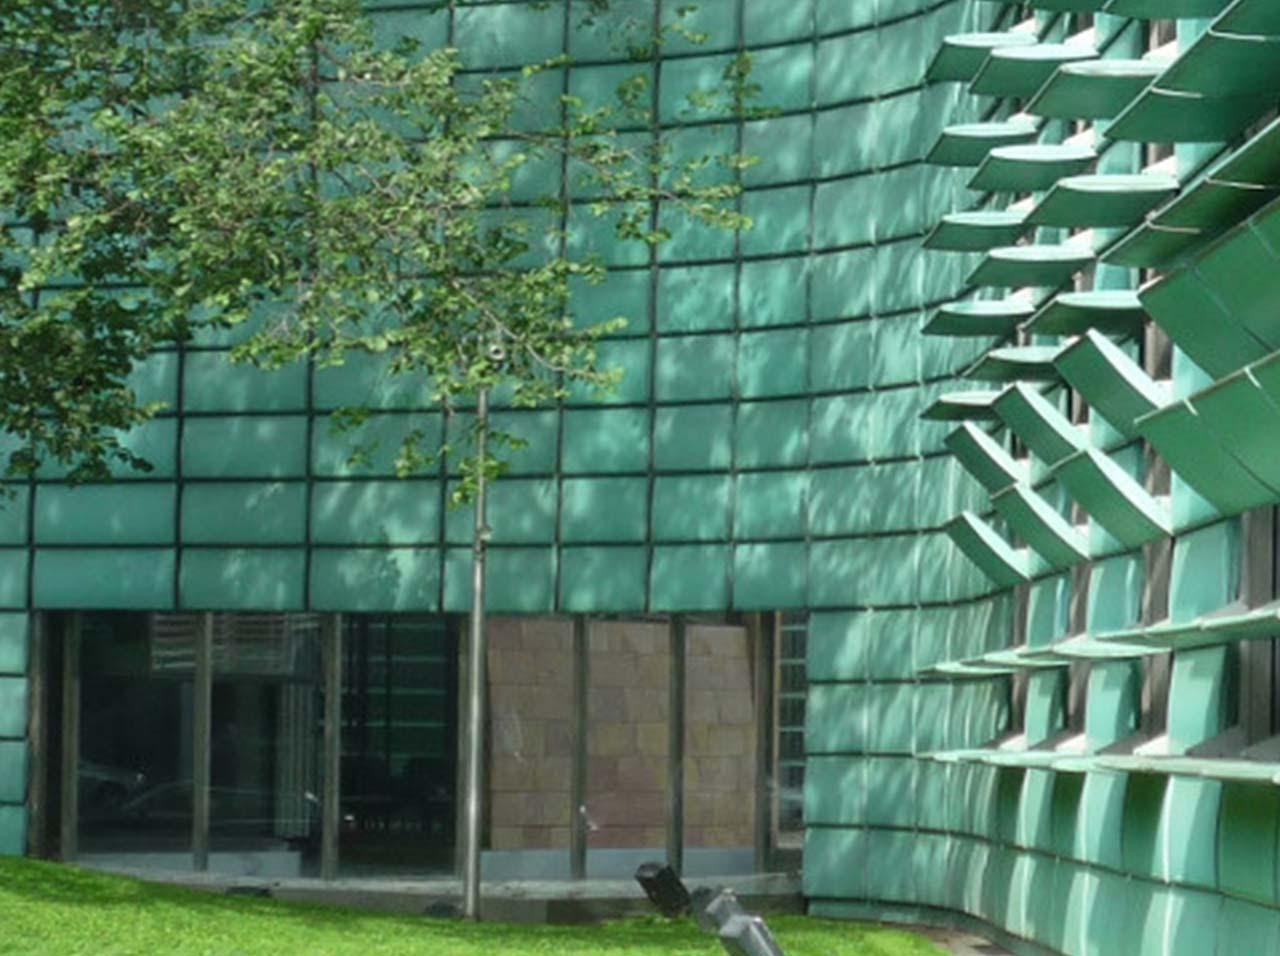 Peinture Effet Vert De Gris Pour Une Apparence Vert De Gris Réaliste